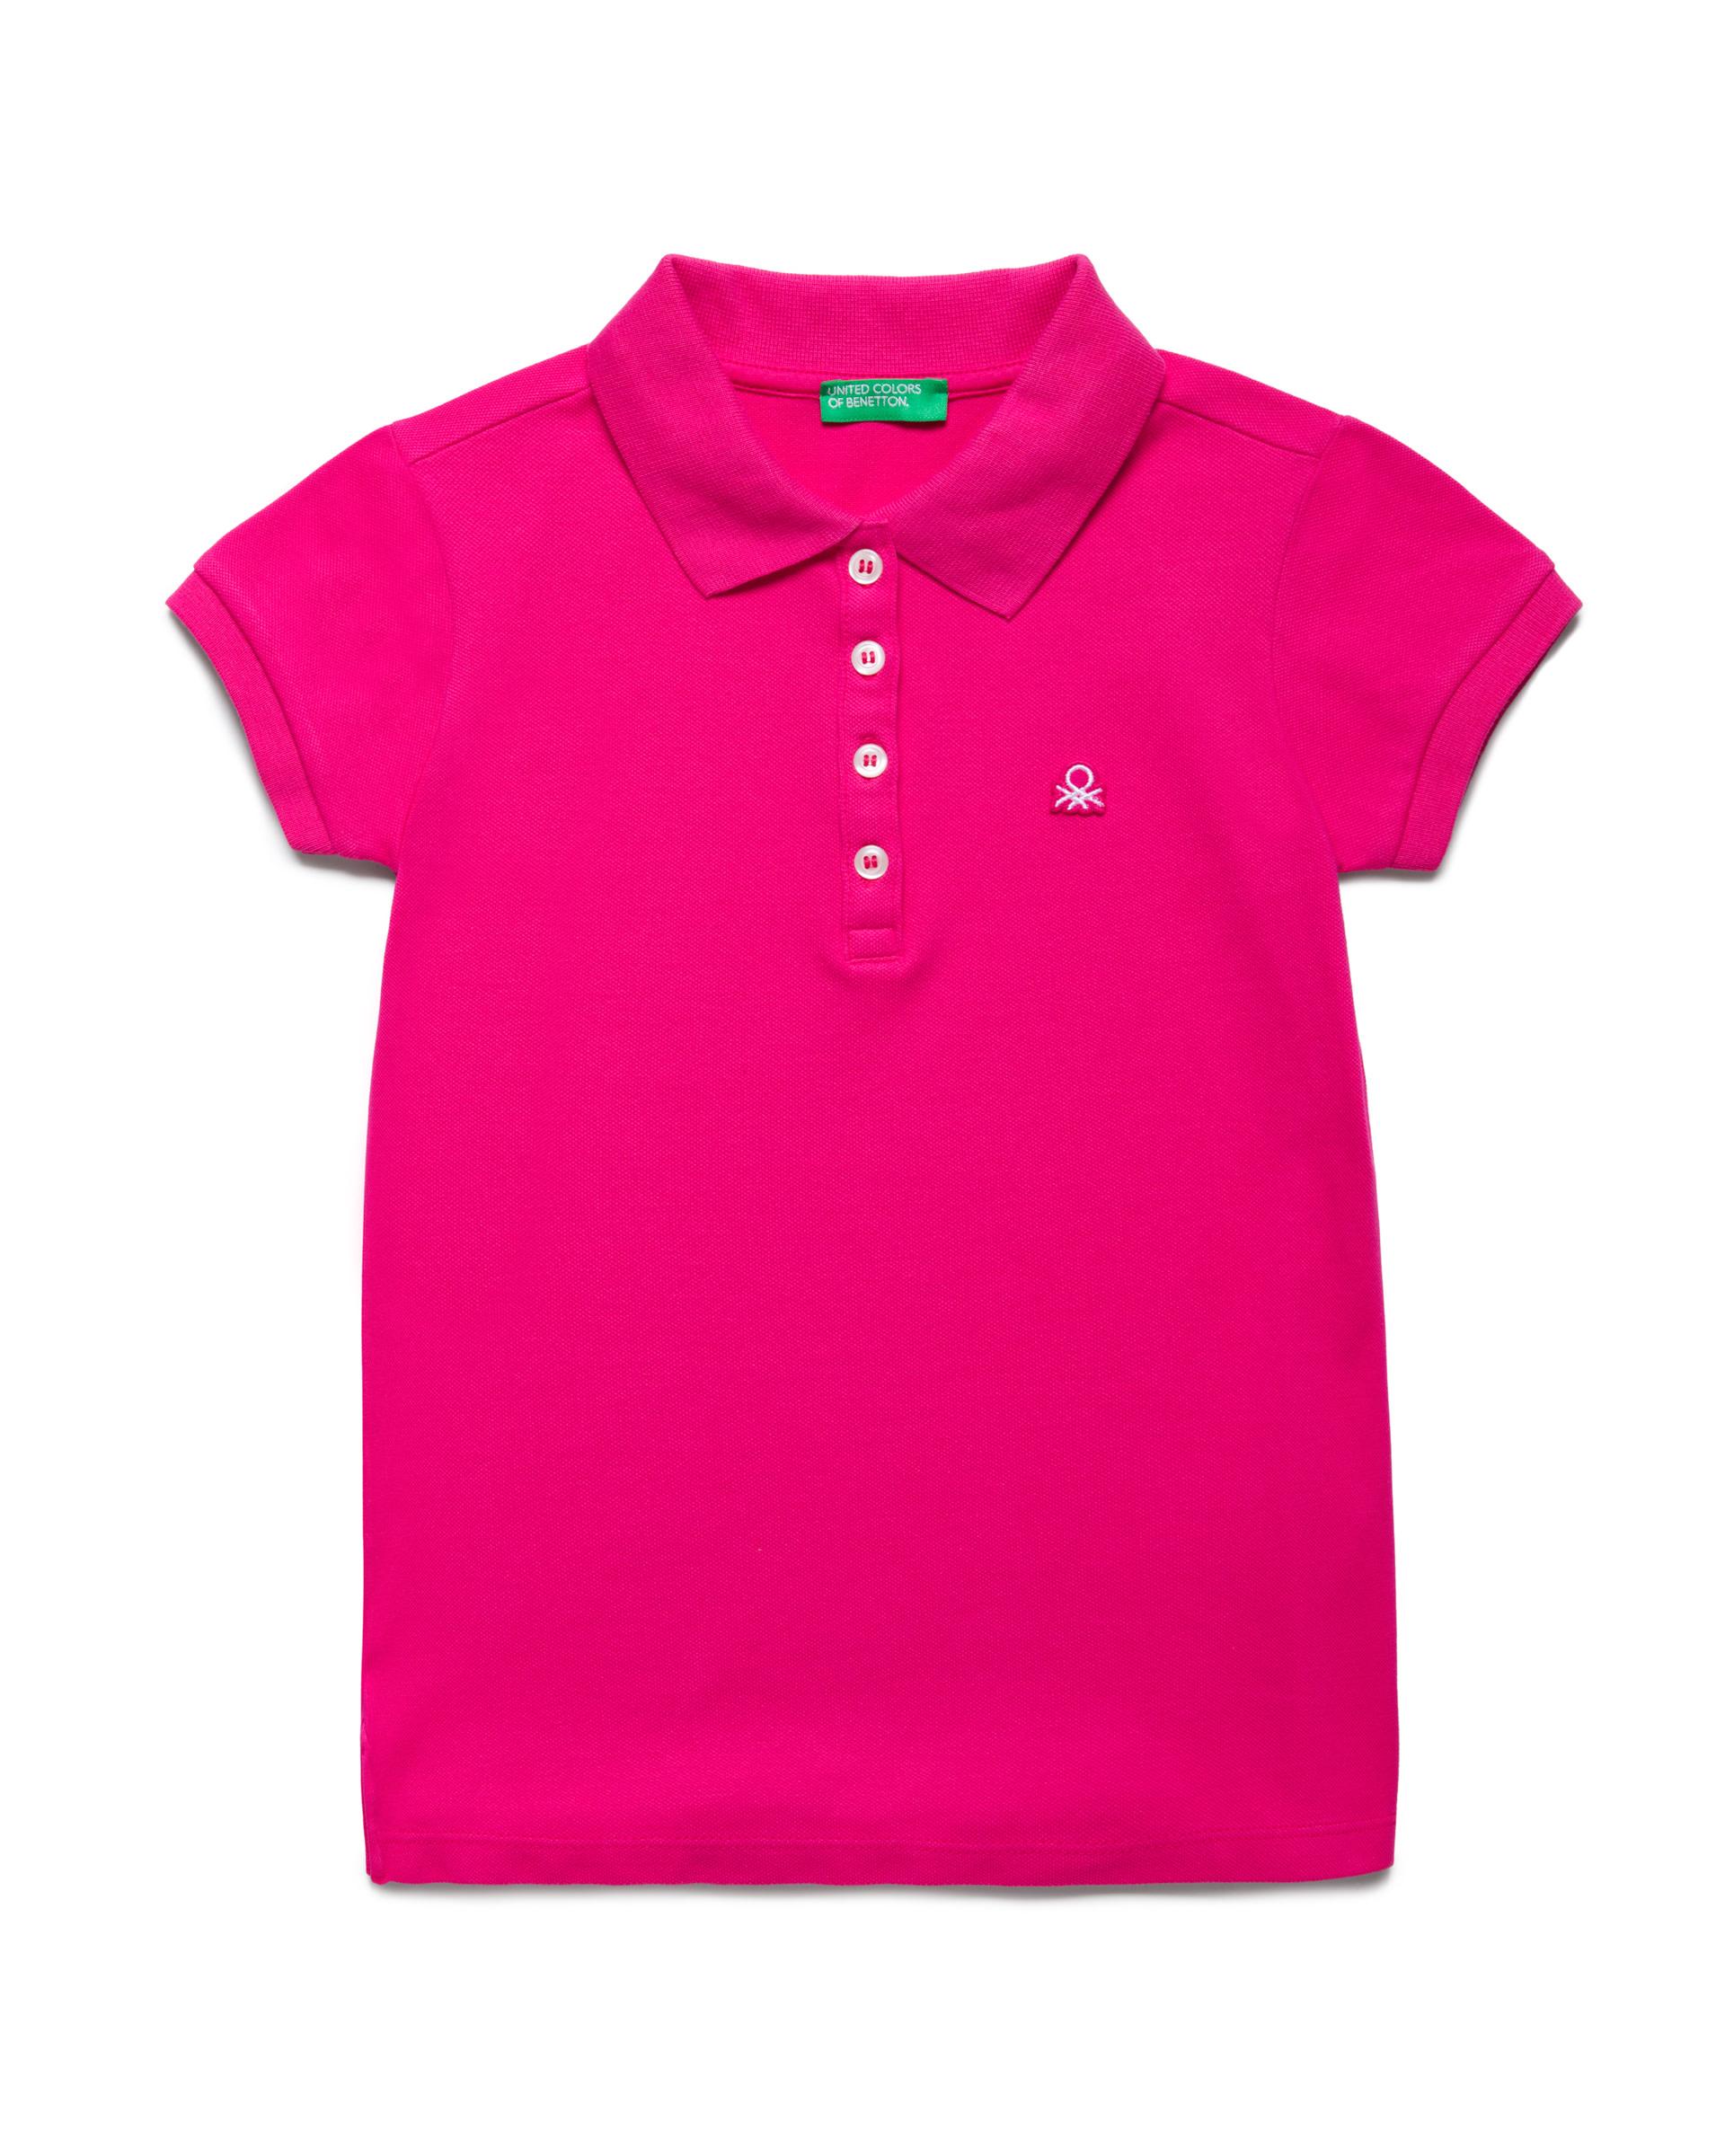 Купить 20P_3WG9C3092_2L3, Поло-пике для девочек Benetton 3WG9C3092_2L3 р-р 122, United Colors of Benetton, Детские футболки